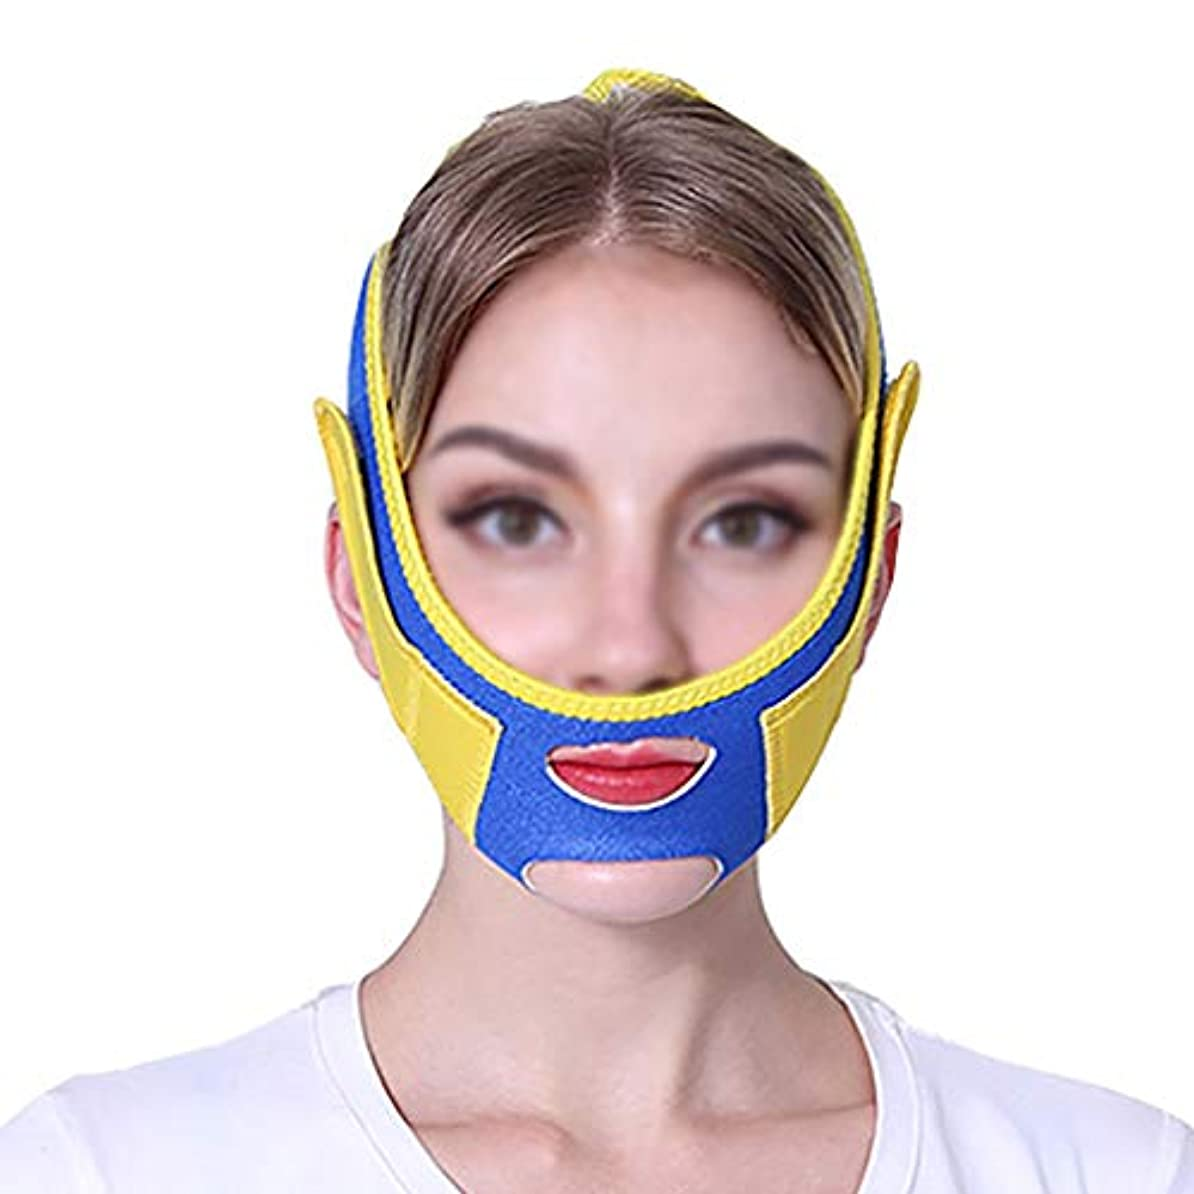 ずんぐりした株式試してみるGLJJQMY ファーミングマスクスモールvフェイスアーティファクトリフティングマスクフェイスリフティングフェイスリフティングマスクファーミングクリームフェイシャルリフティング包帯 顔用整形マスク